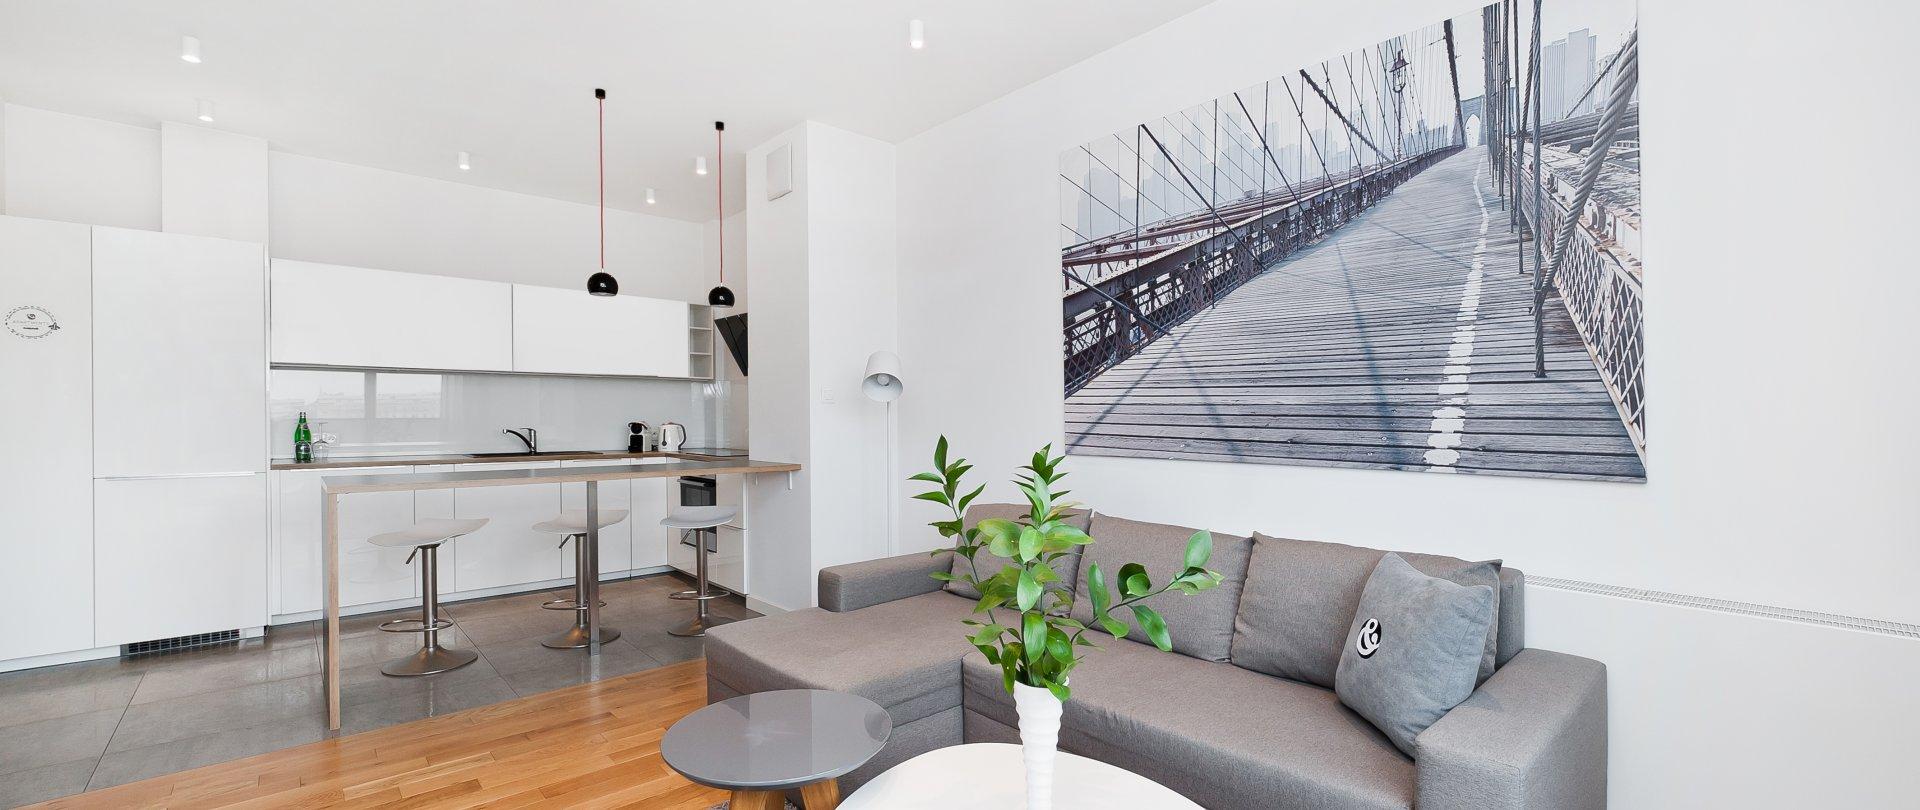 Deluxe type apartment (181)